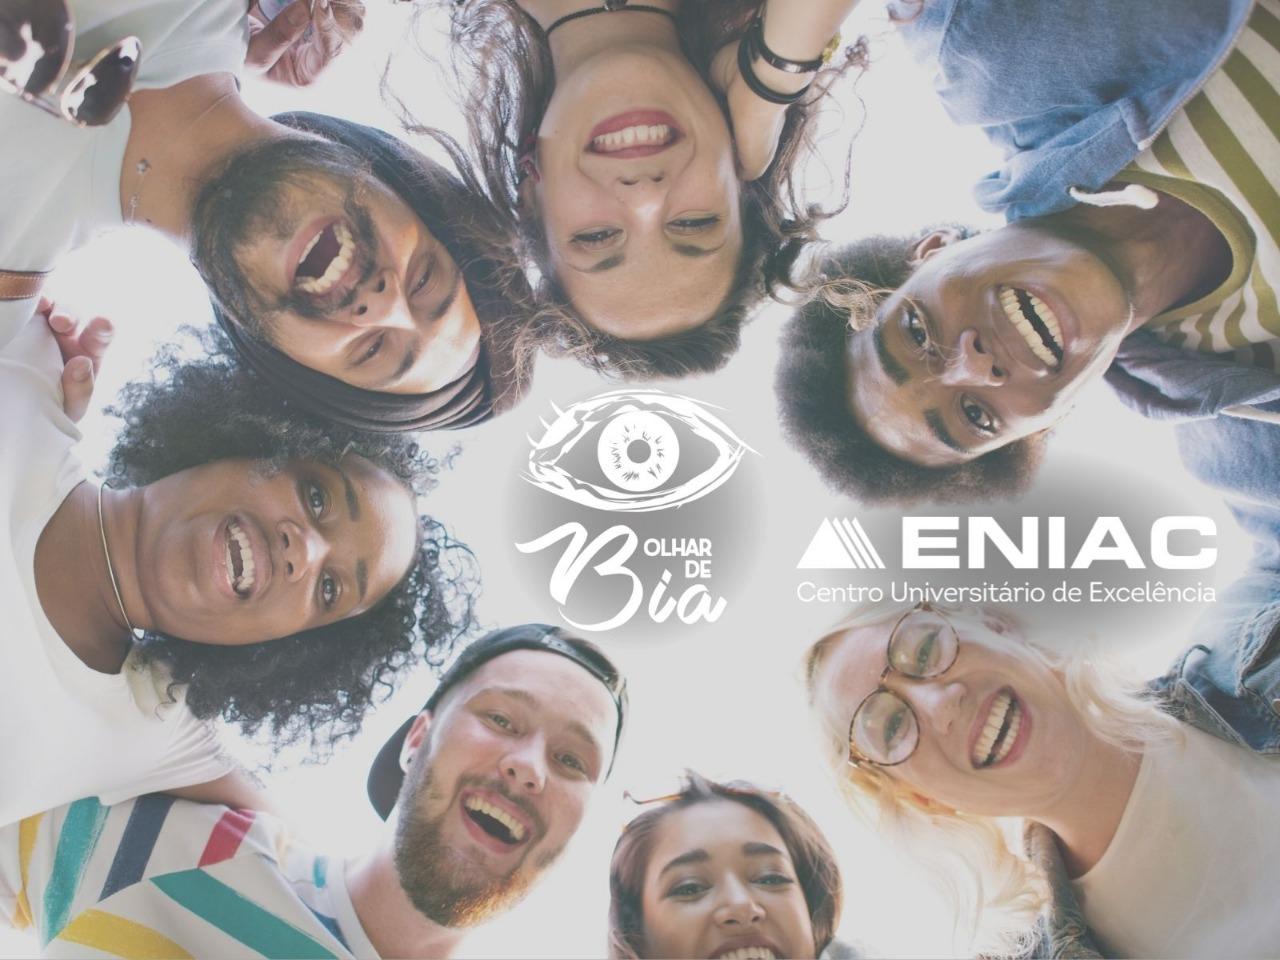 Live Genteniac com 'Olhar de Bia' e 'Casas André Luiz'